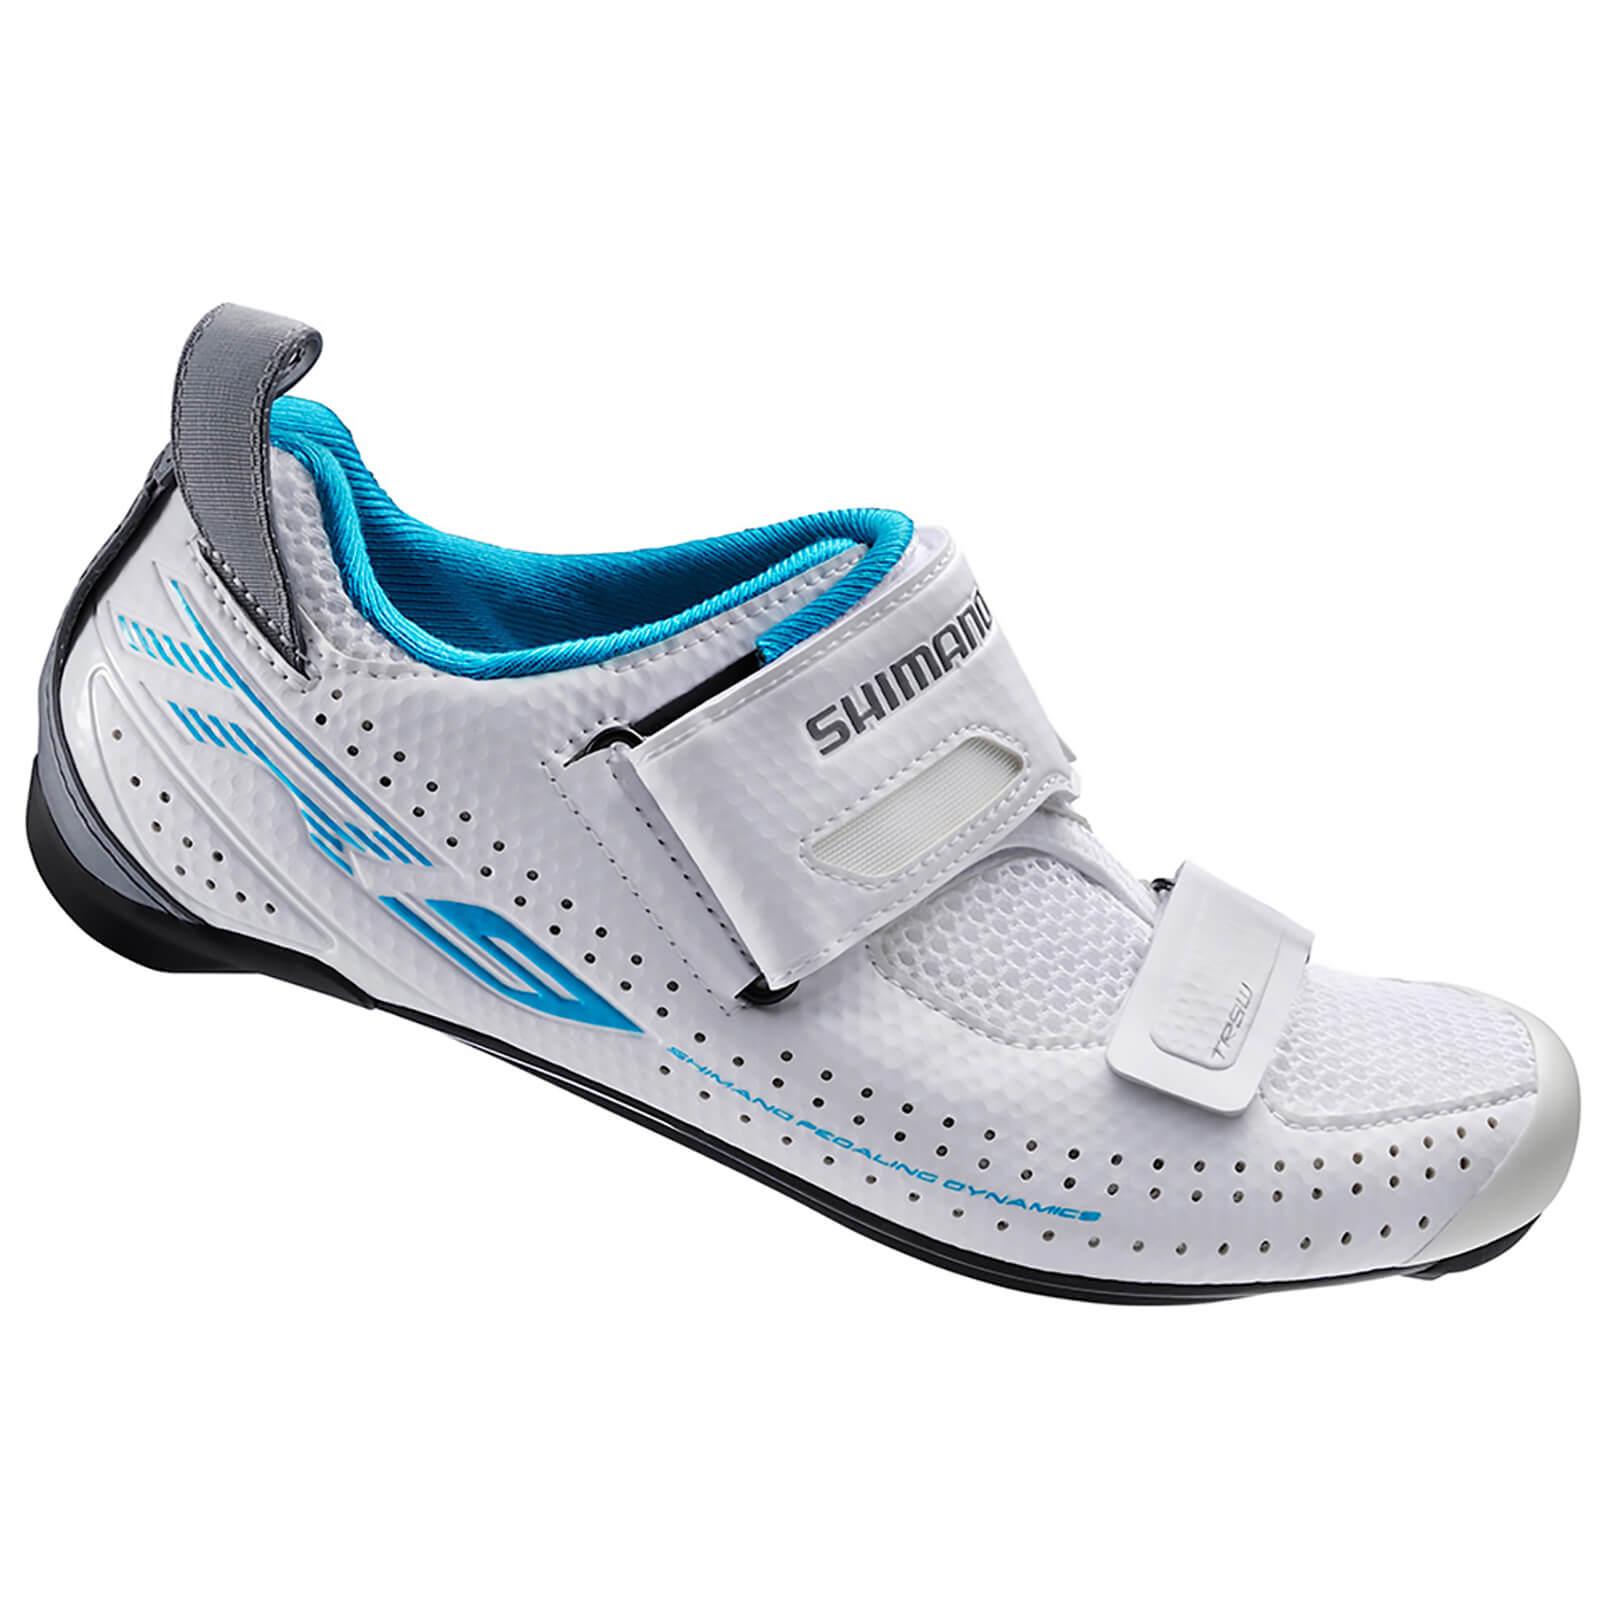 Shimano TR9W SPD-SL Cycling Shoes - White - EUR 36 - White